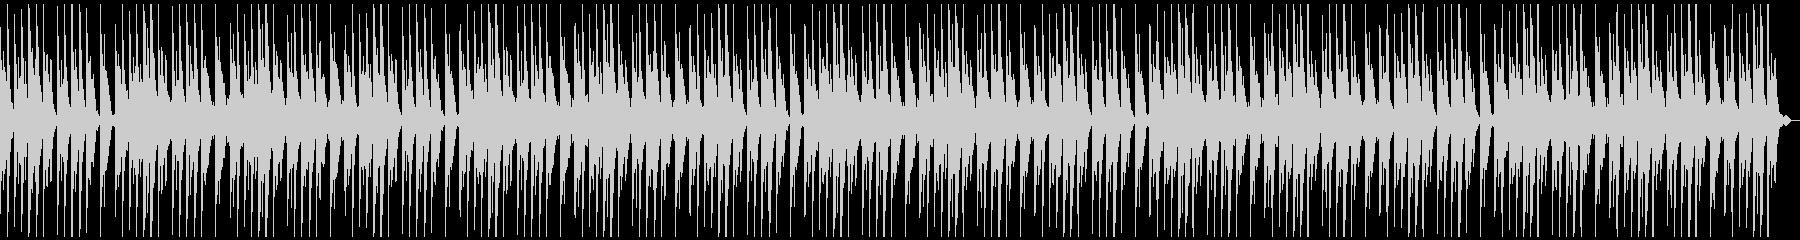 優しく滑らかなモダンクラシカル10分の未再生の波形